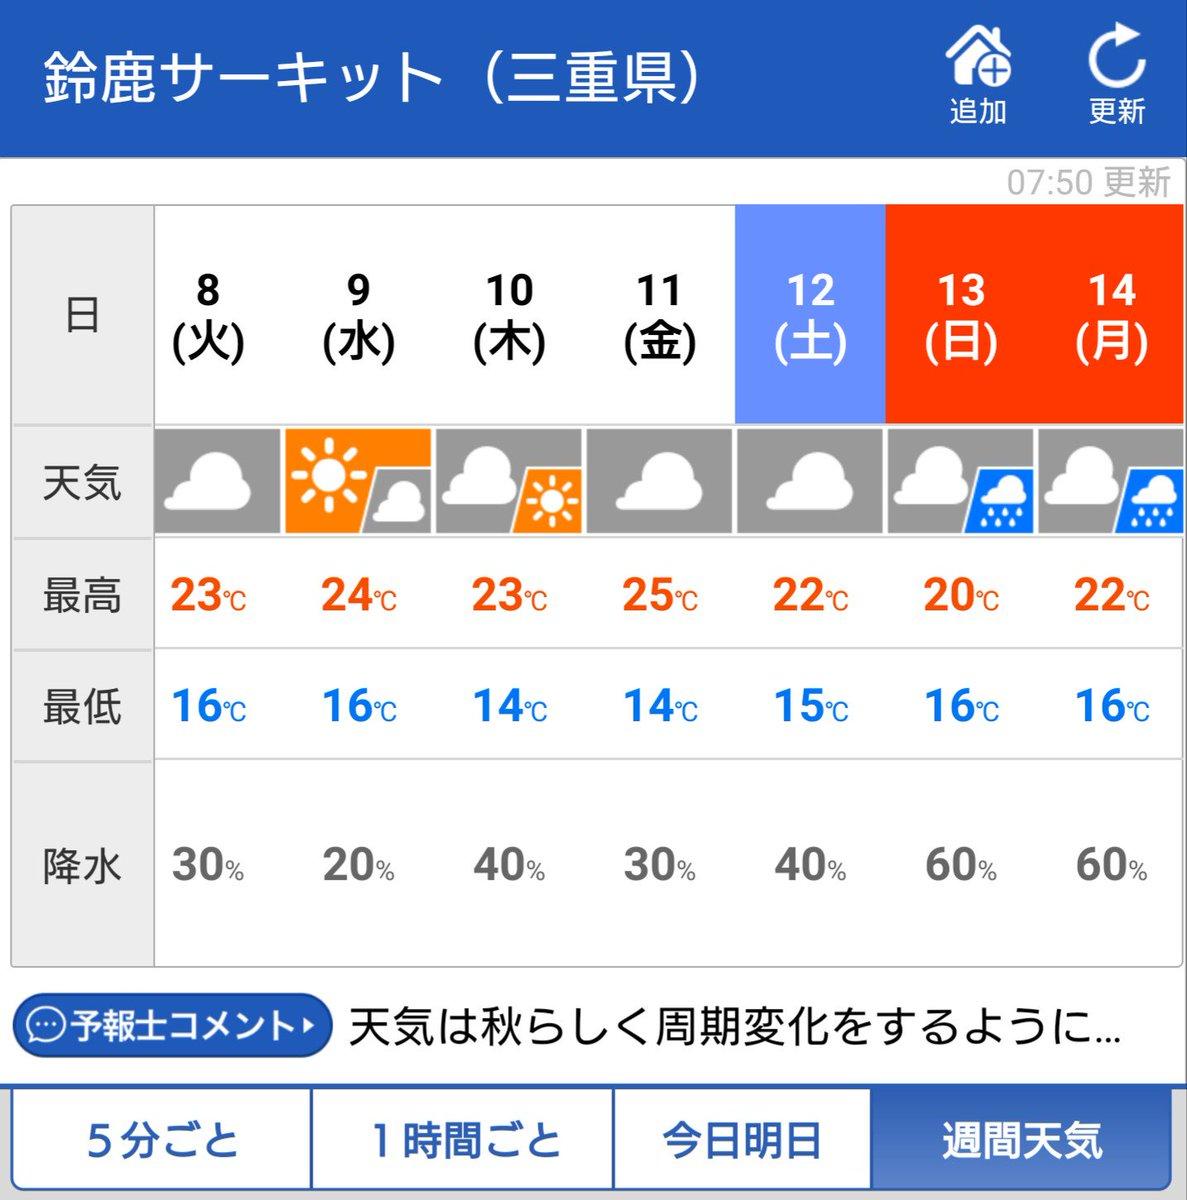 天気 二 予報 週間 Sunny Spot